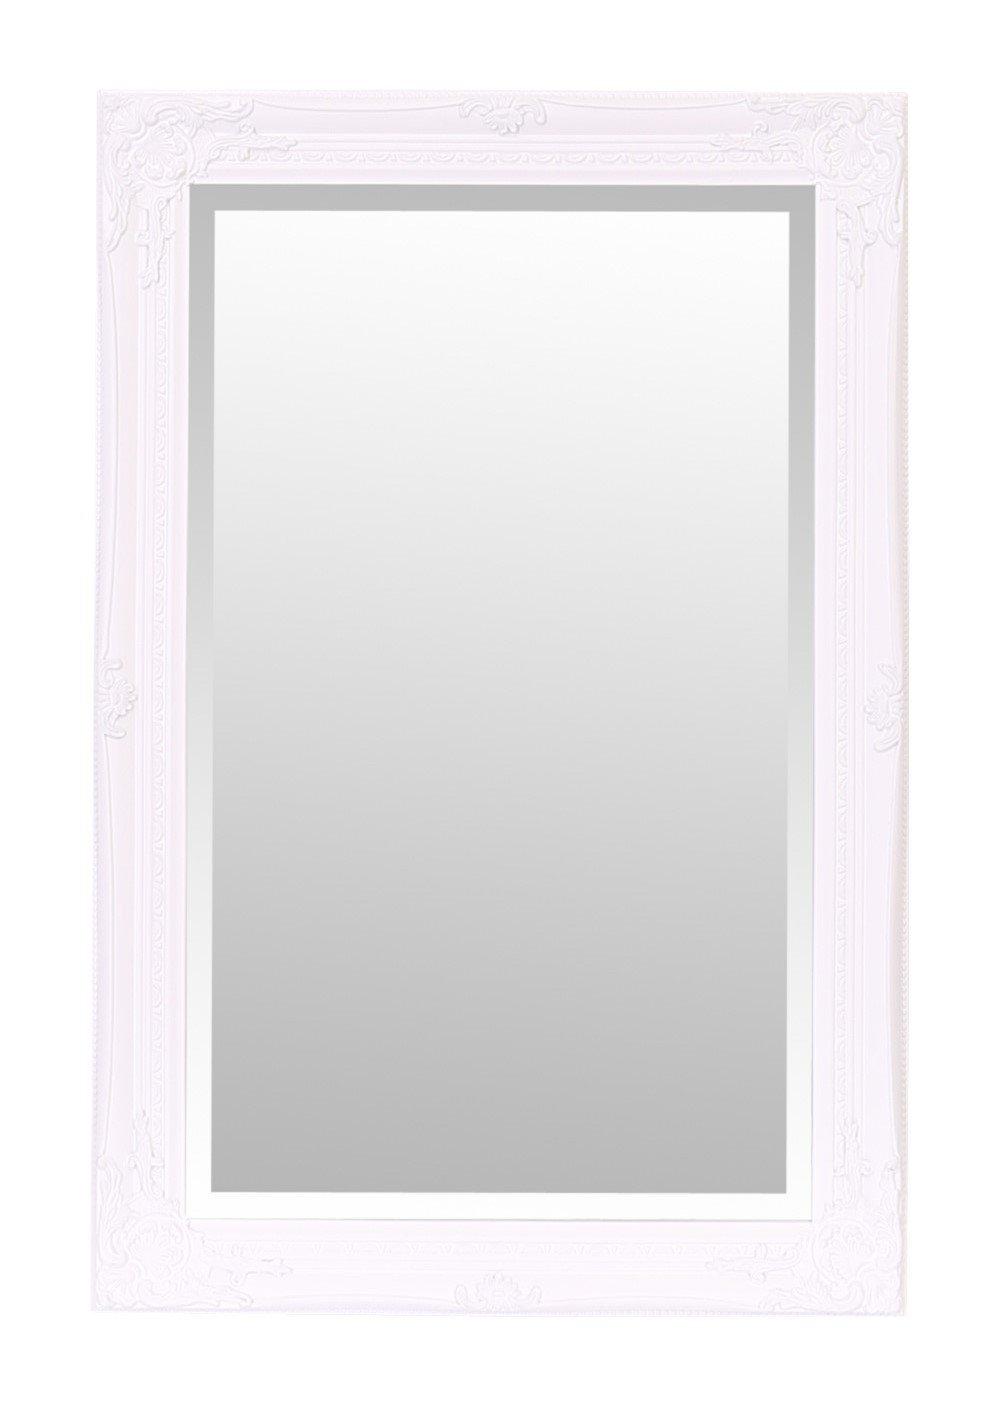 Selezionare specchi Rhone specchio da parete/ /60/cm x 90/cm/ /French Vintage /shabby chic Home Decor by stile rococ/ò barocco/ /bianco/